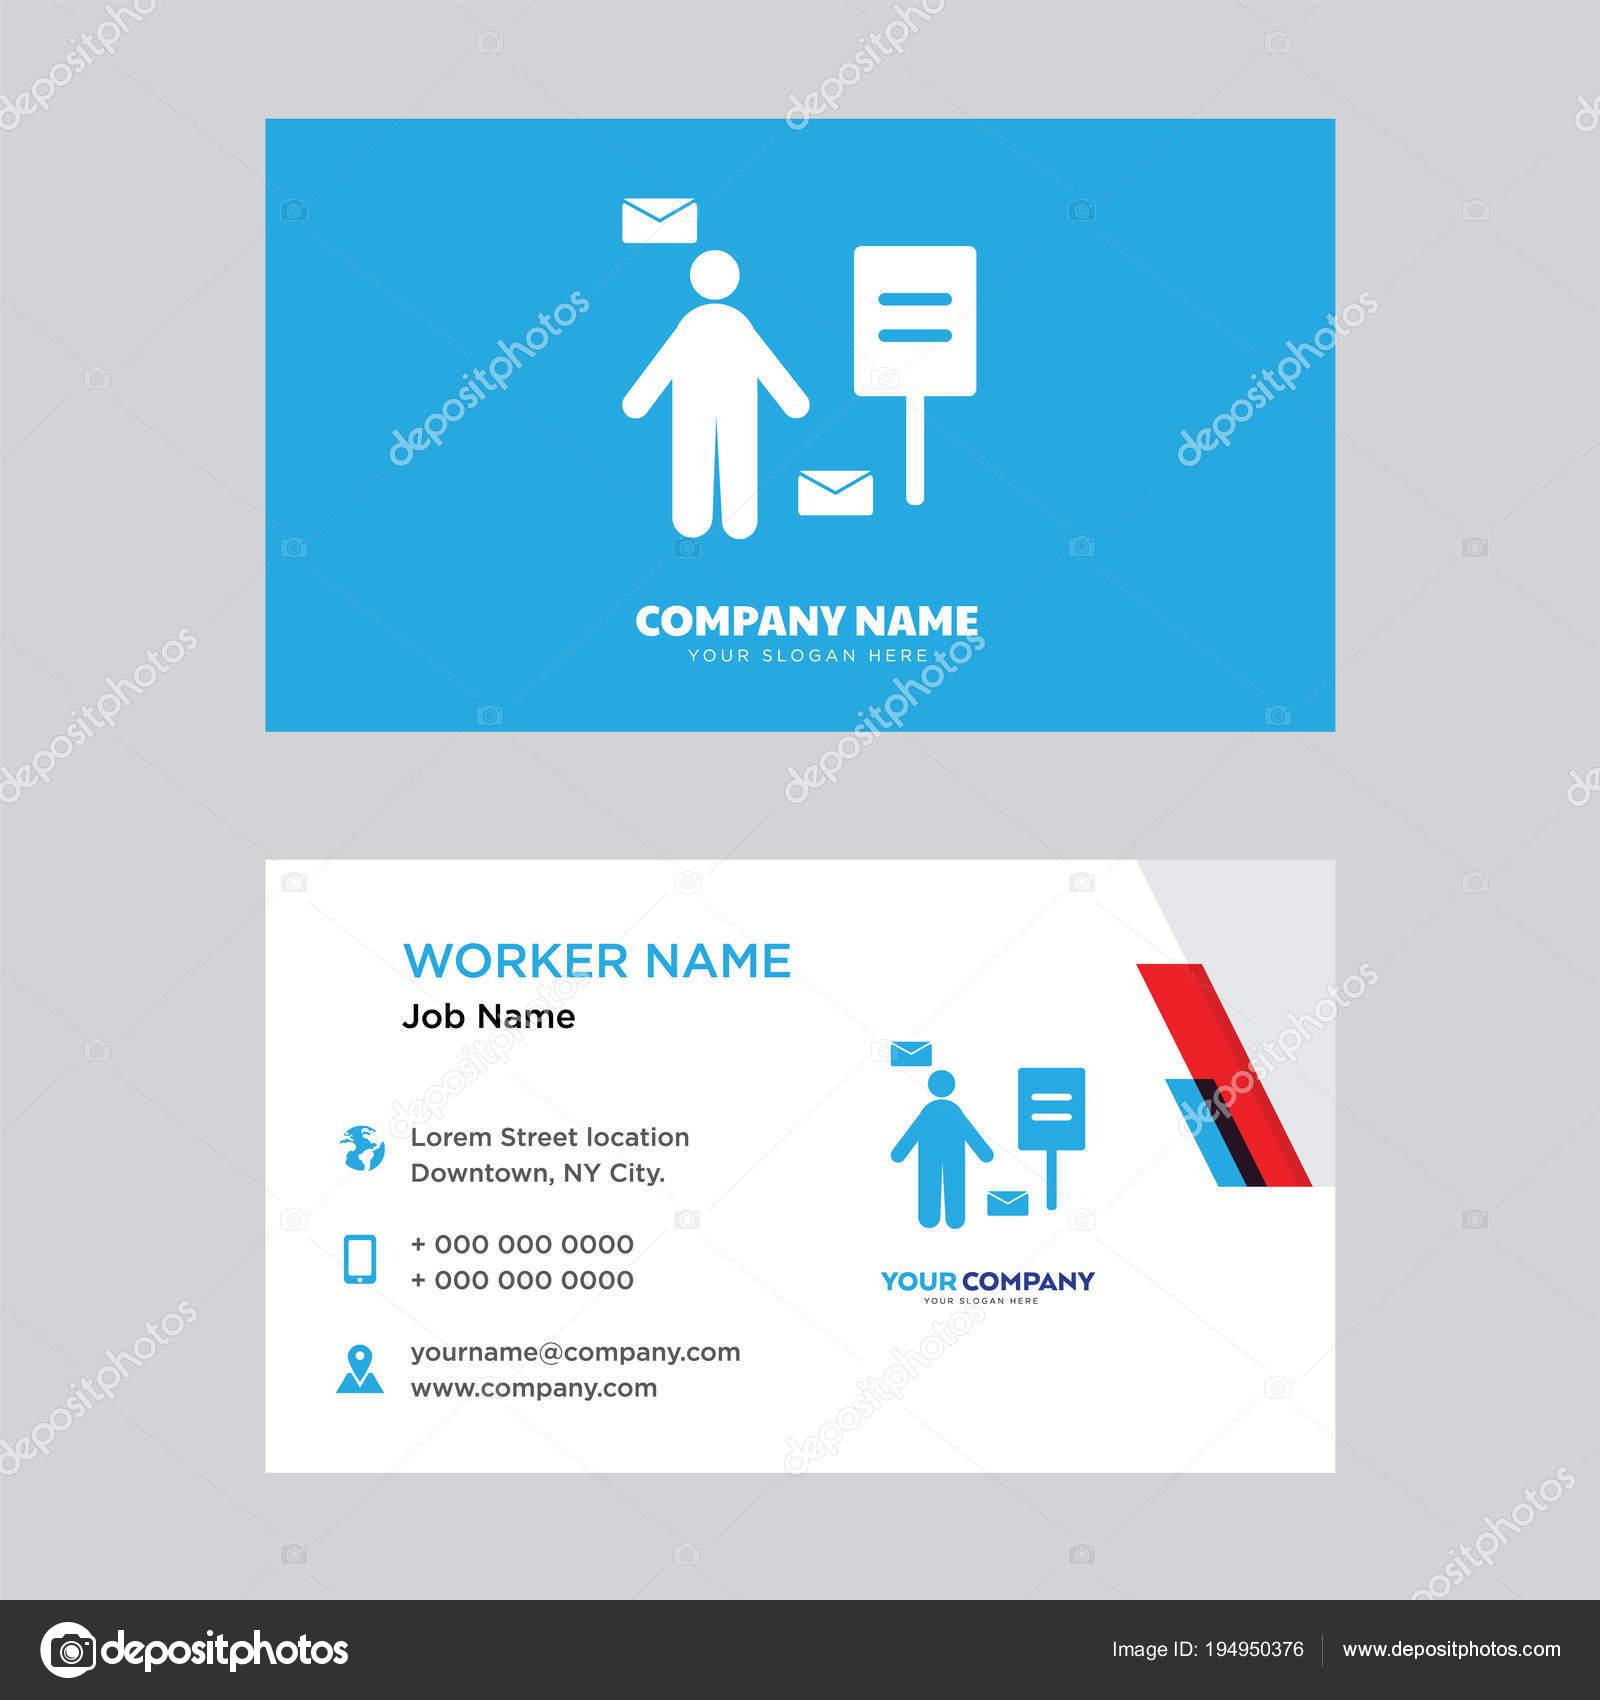 Postman business card design — Stock Vector © vector_best